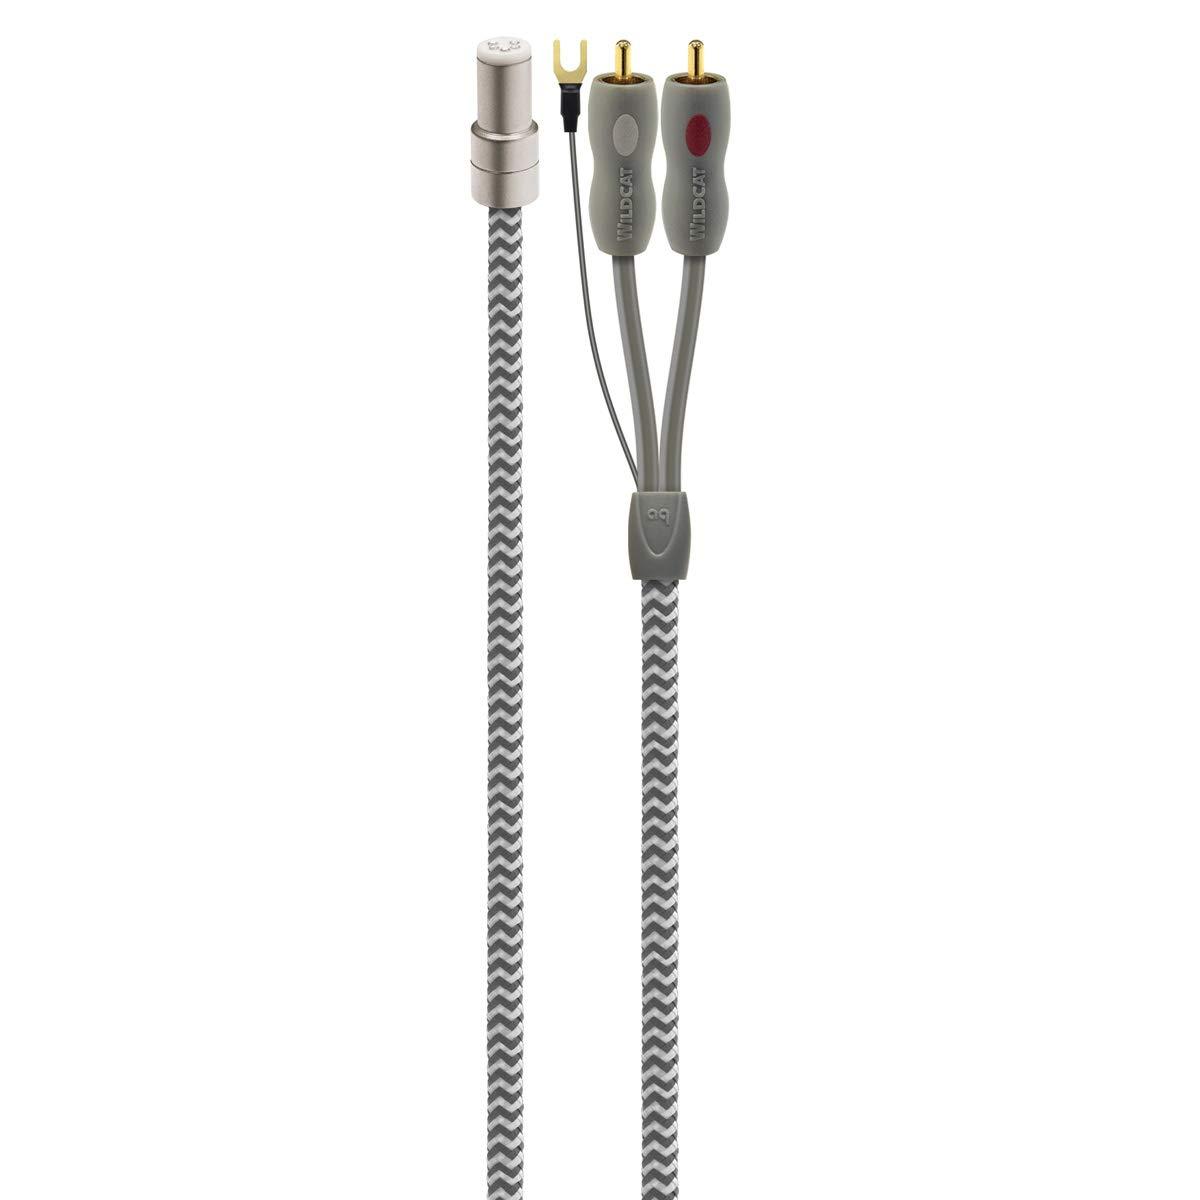 AudioQuest Wildcat Tonearm Cable - 4.92 ft. (1.5m)